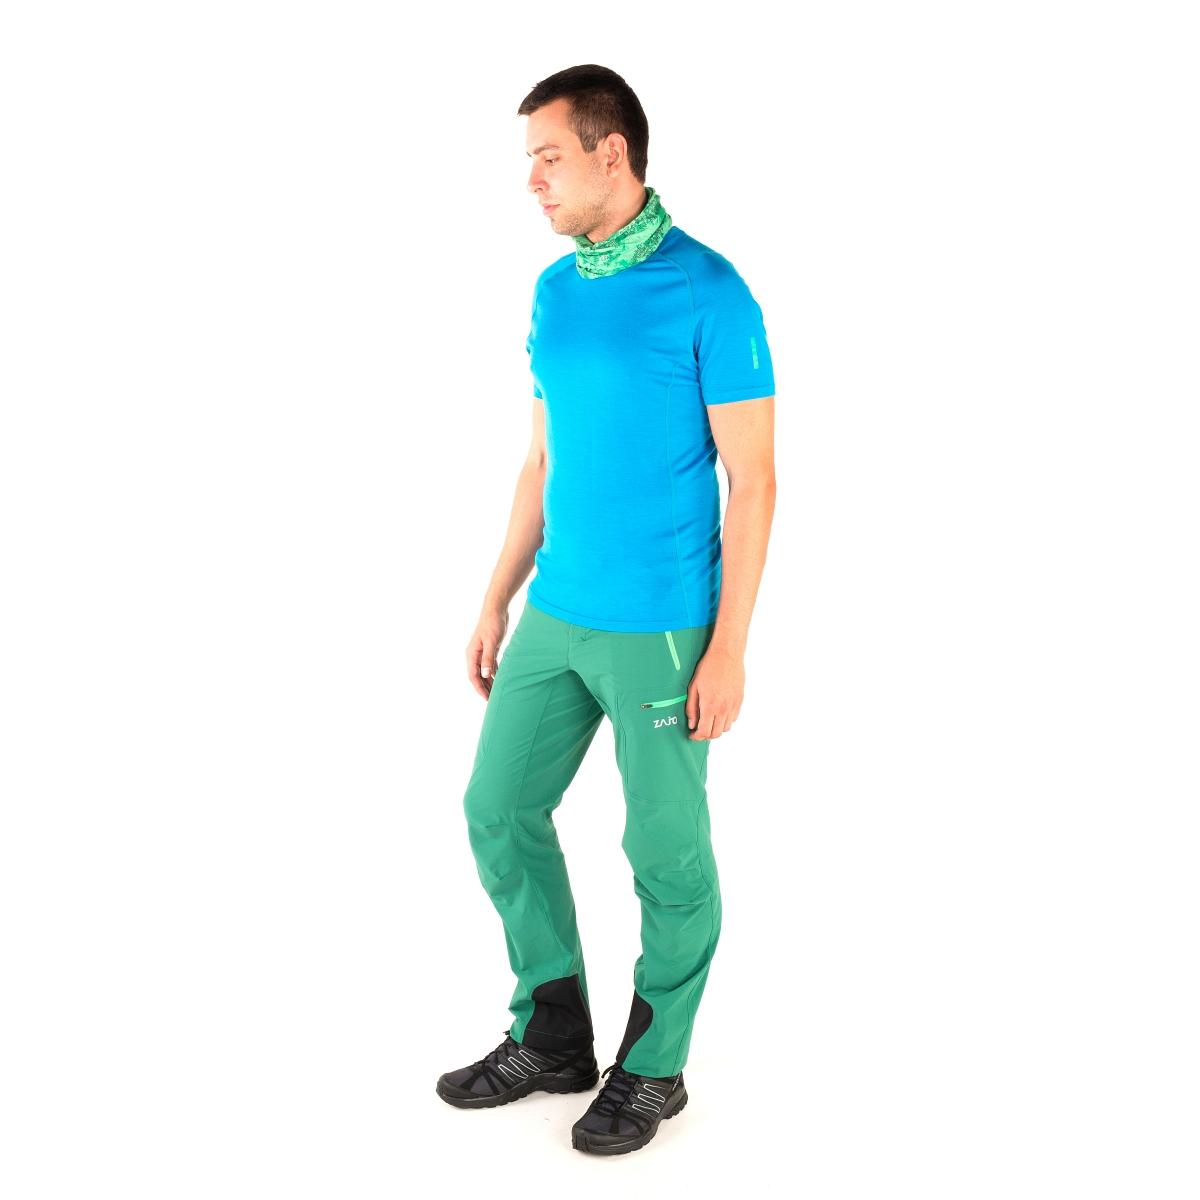 Zajo Air LT Pants 6